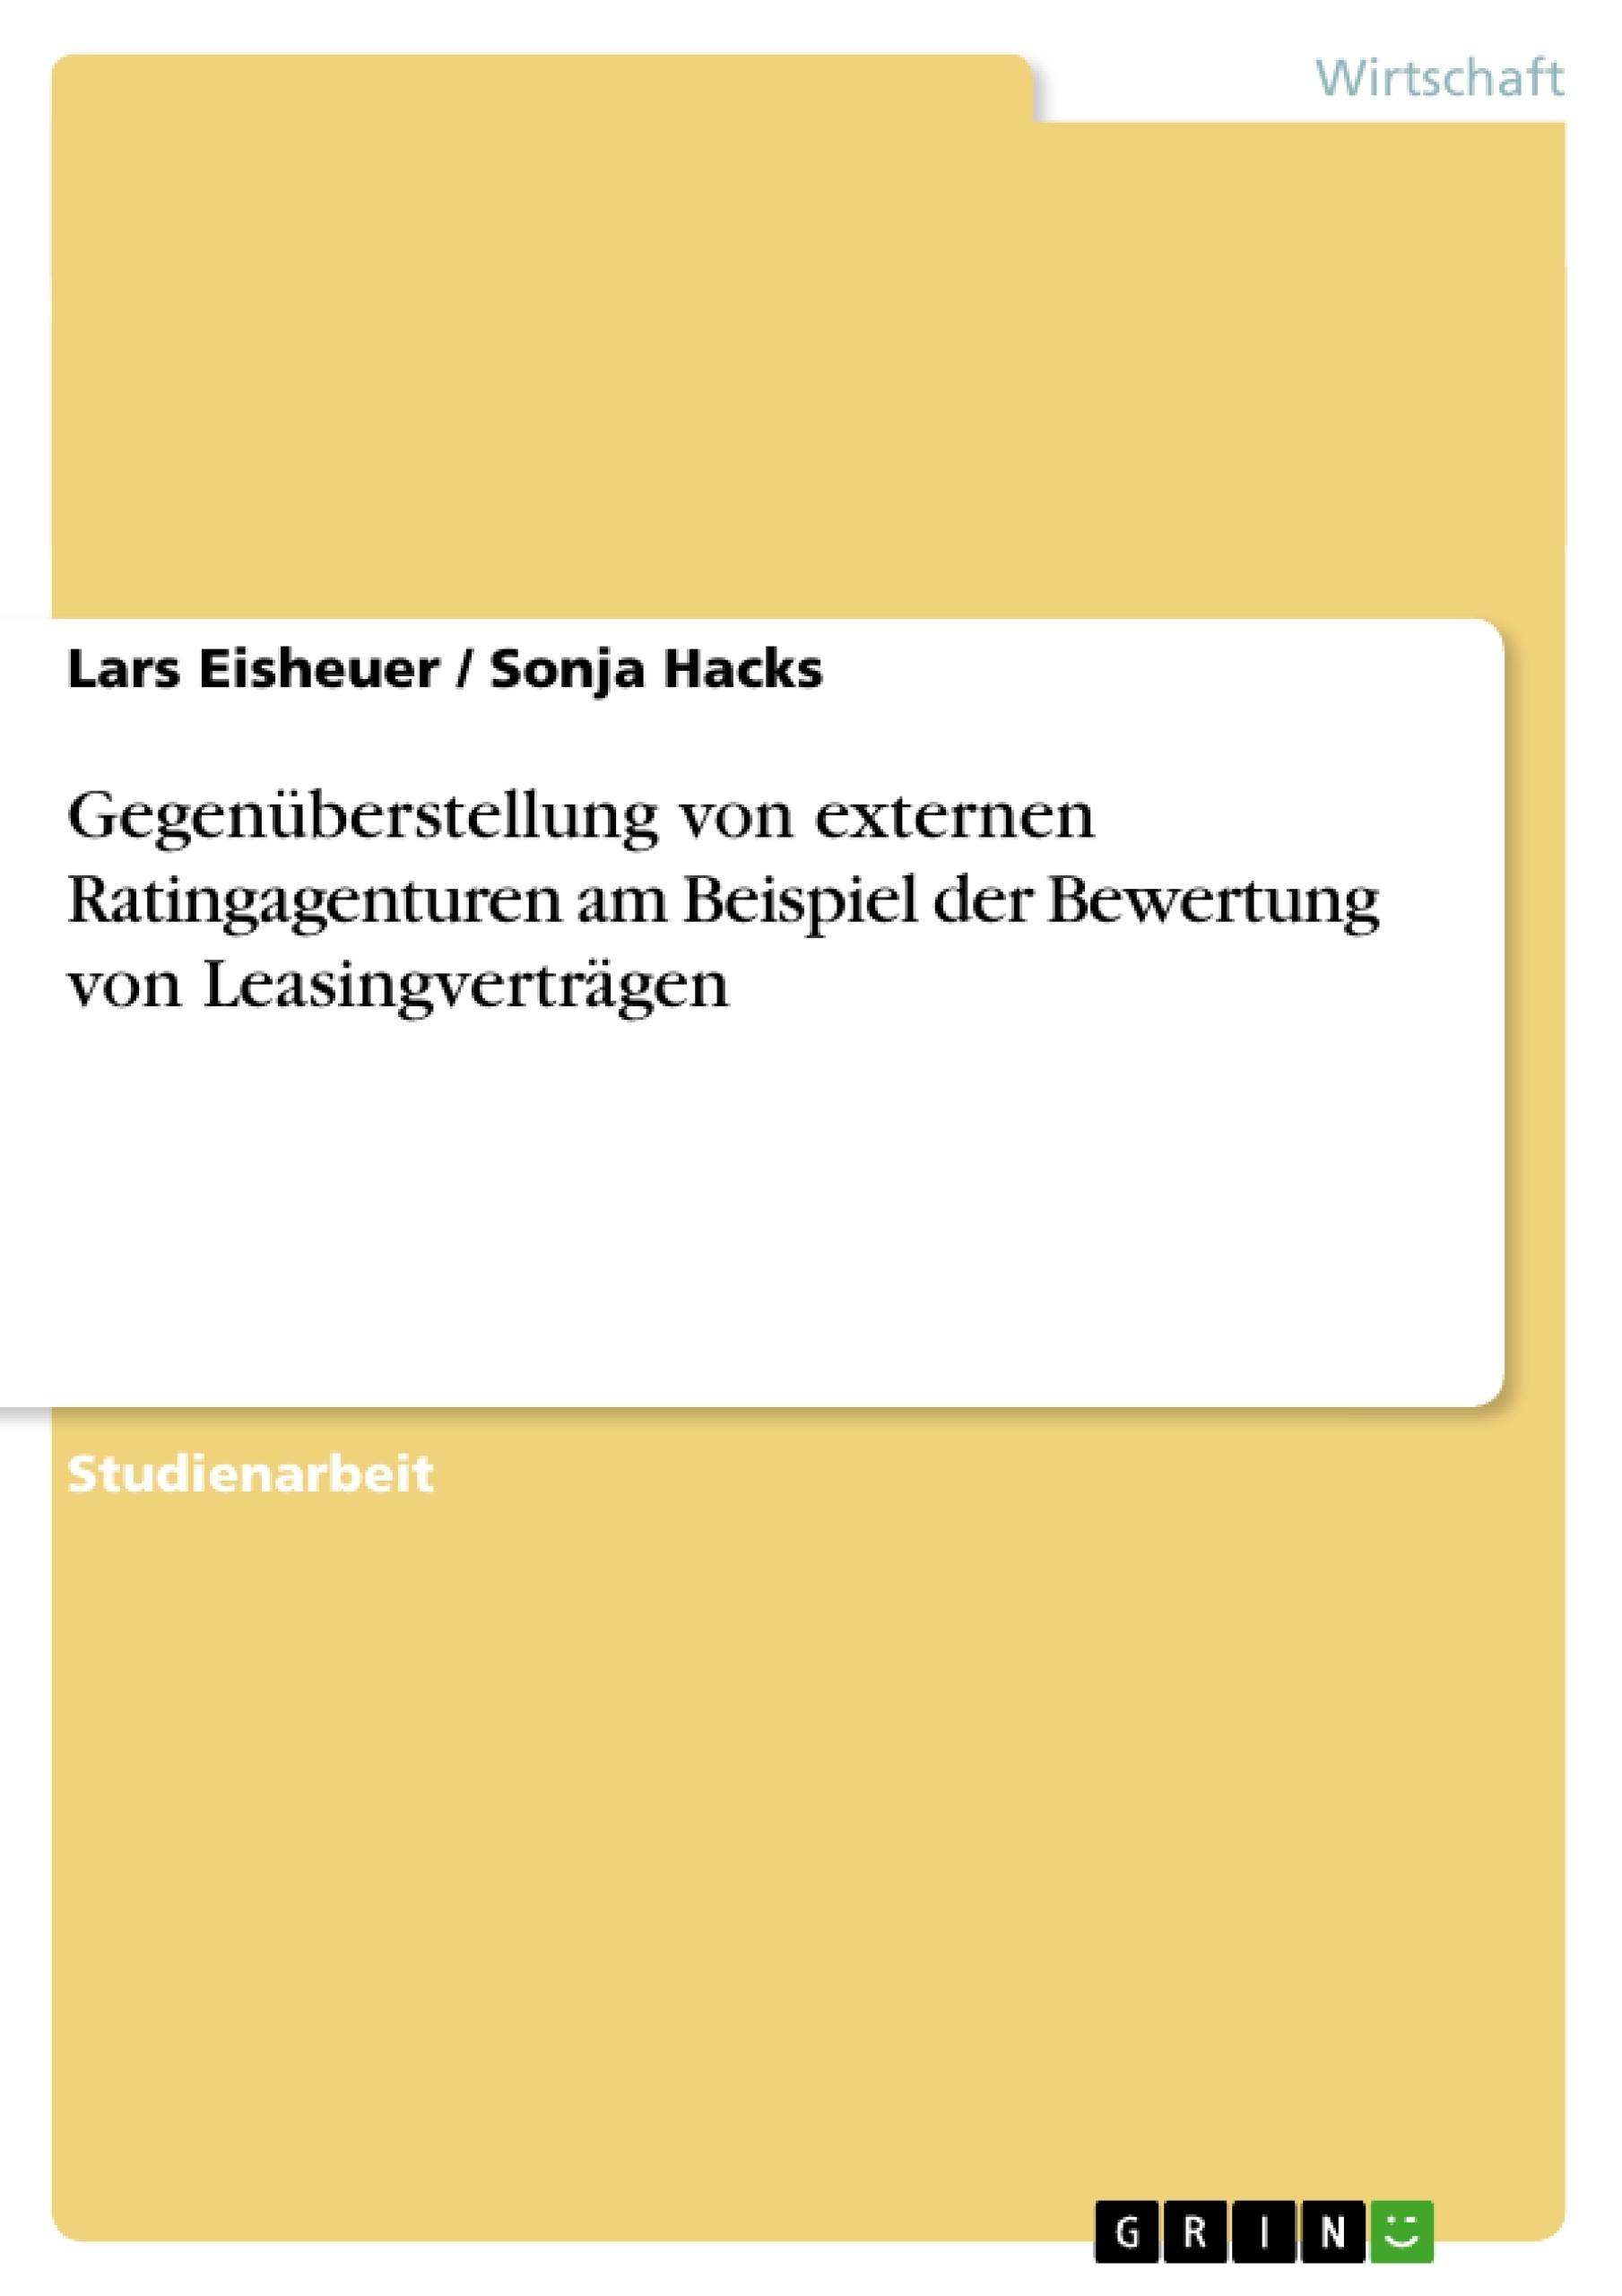 Titel: Gegenüberstellung von externen Ratingagenturen am Beispiel der Bewertung von Leasingverträgen